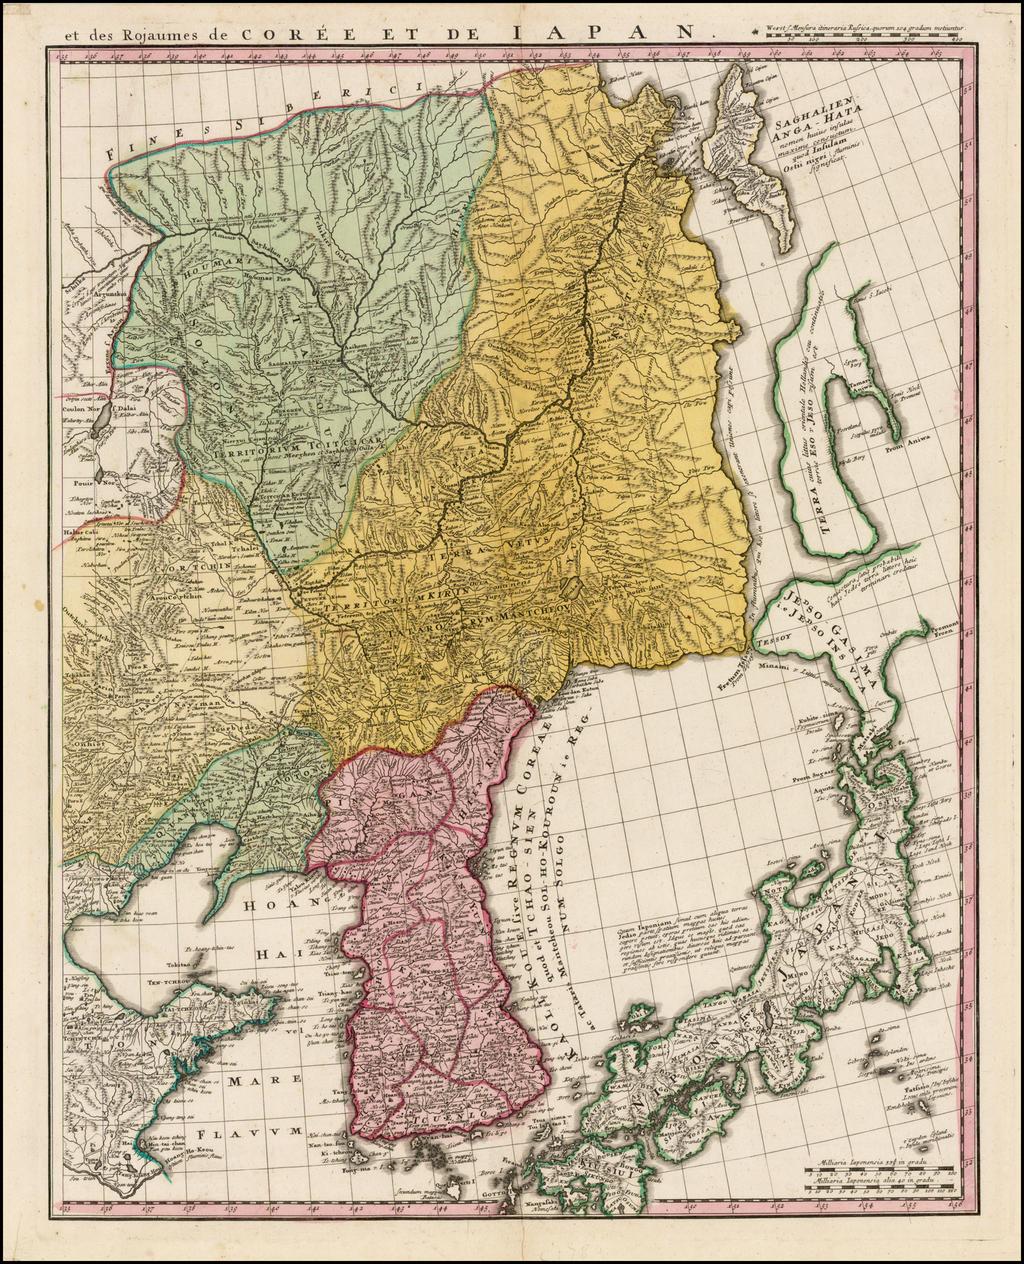 et des Rojaumes de Corée et de Japan By Homann Heirs